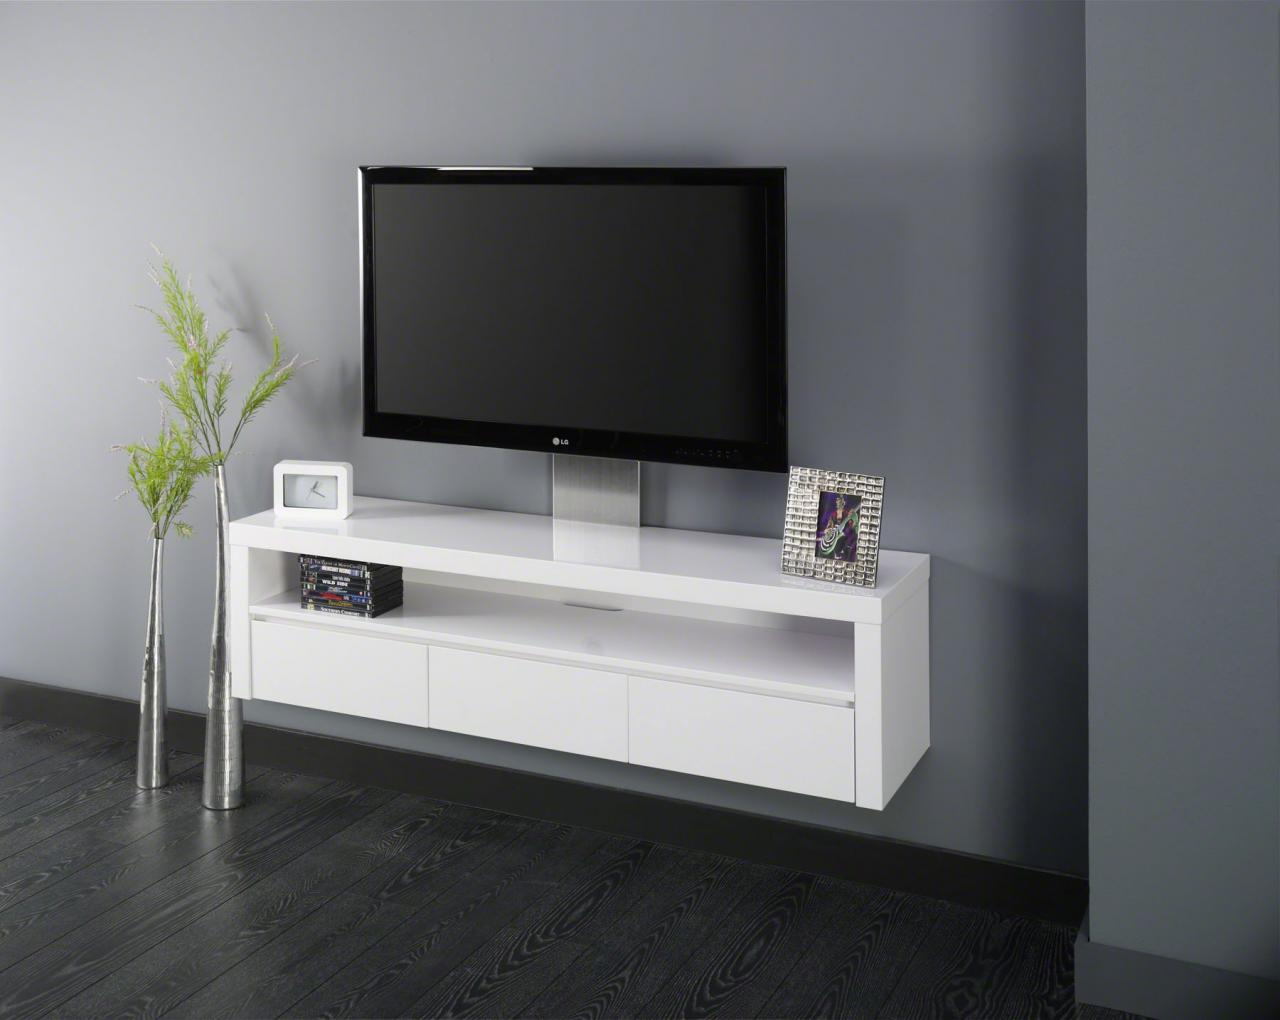 Meuble Tv 100 Cm Blanc Laqu Mobilier Design D Coration D Int Rieur # Meuble Tv Laque Blanc Pas Cher